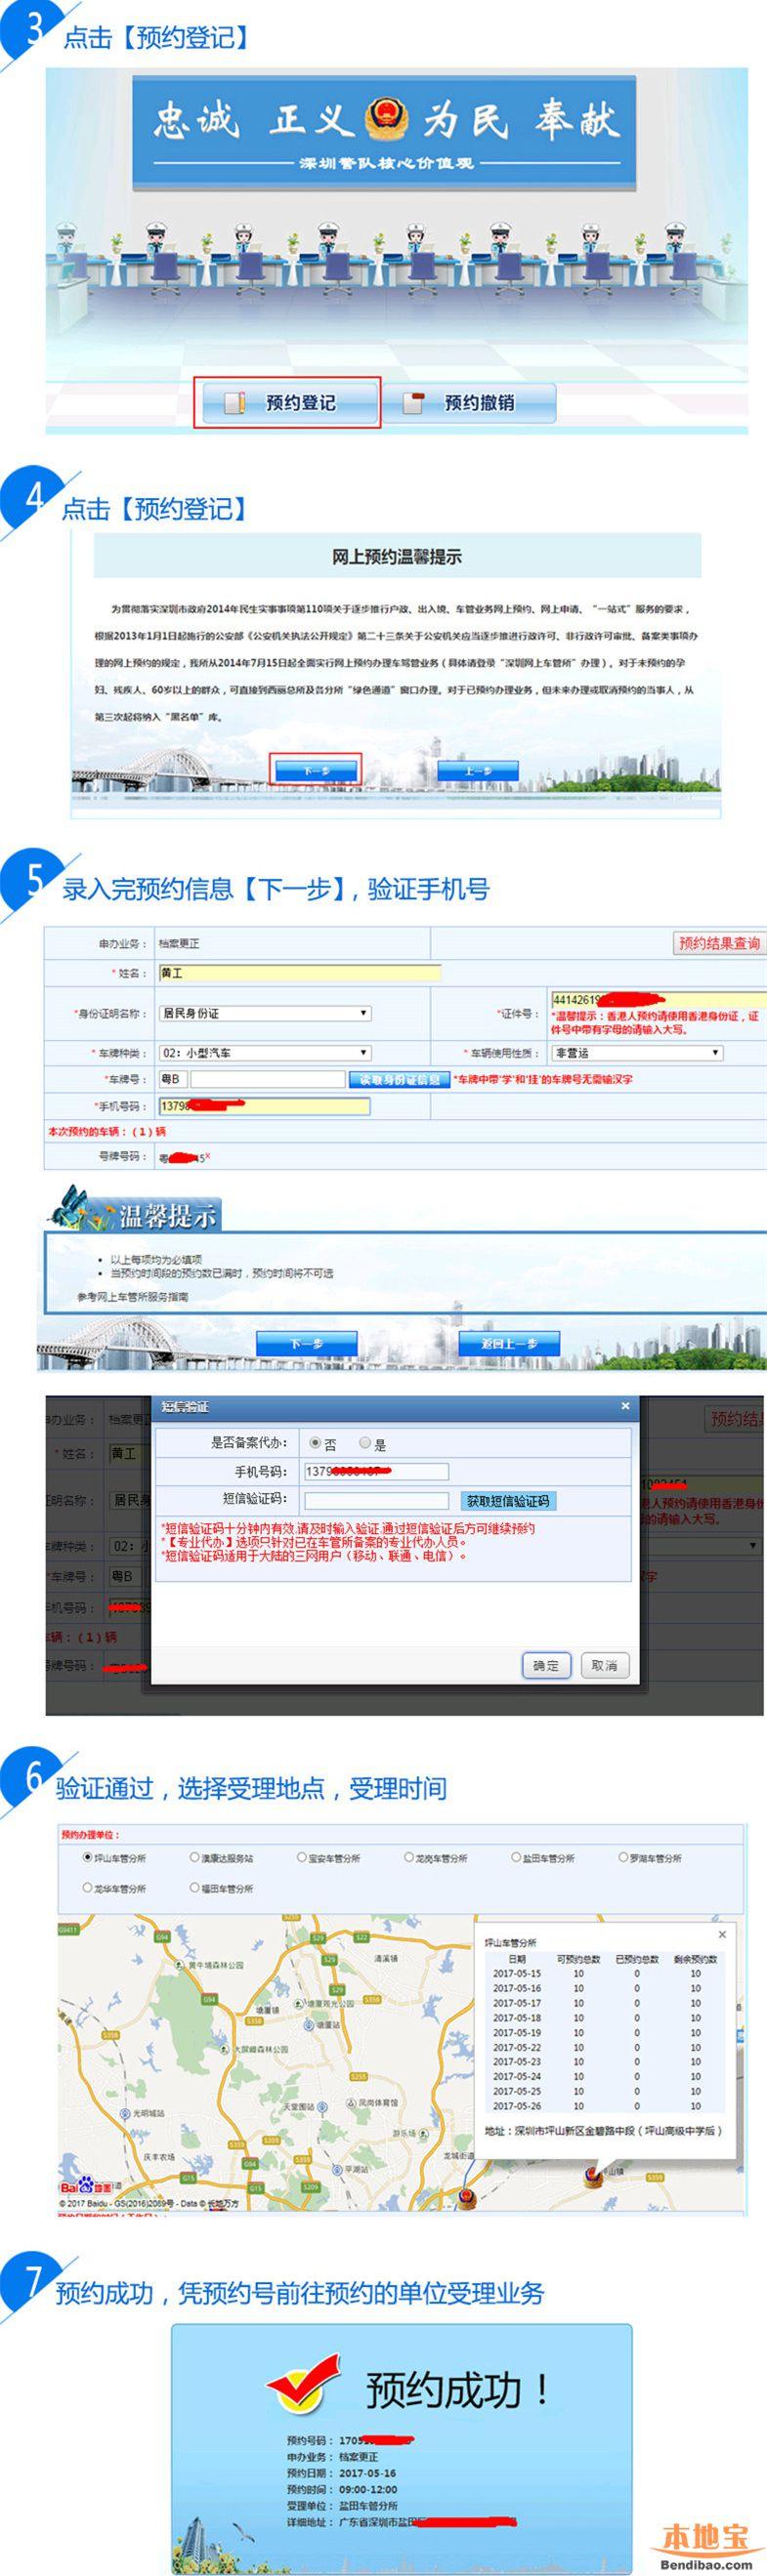 深圳机动车业务预约流程详解(官网+微信)